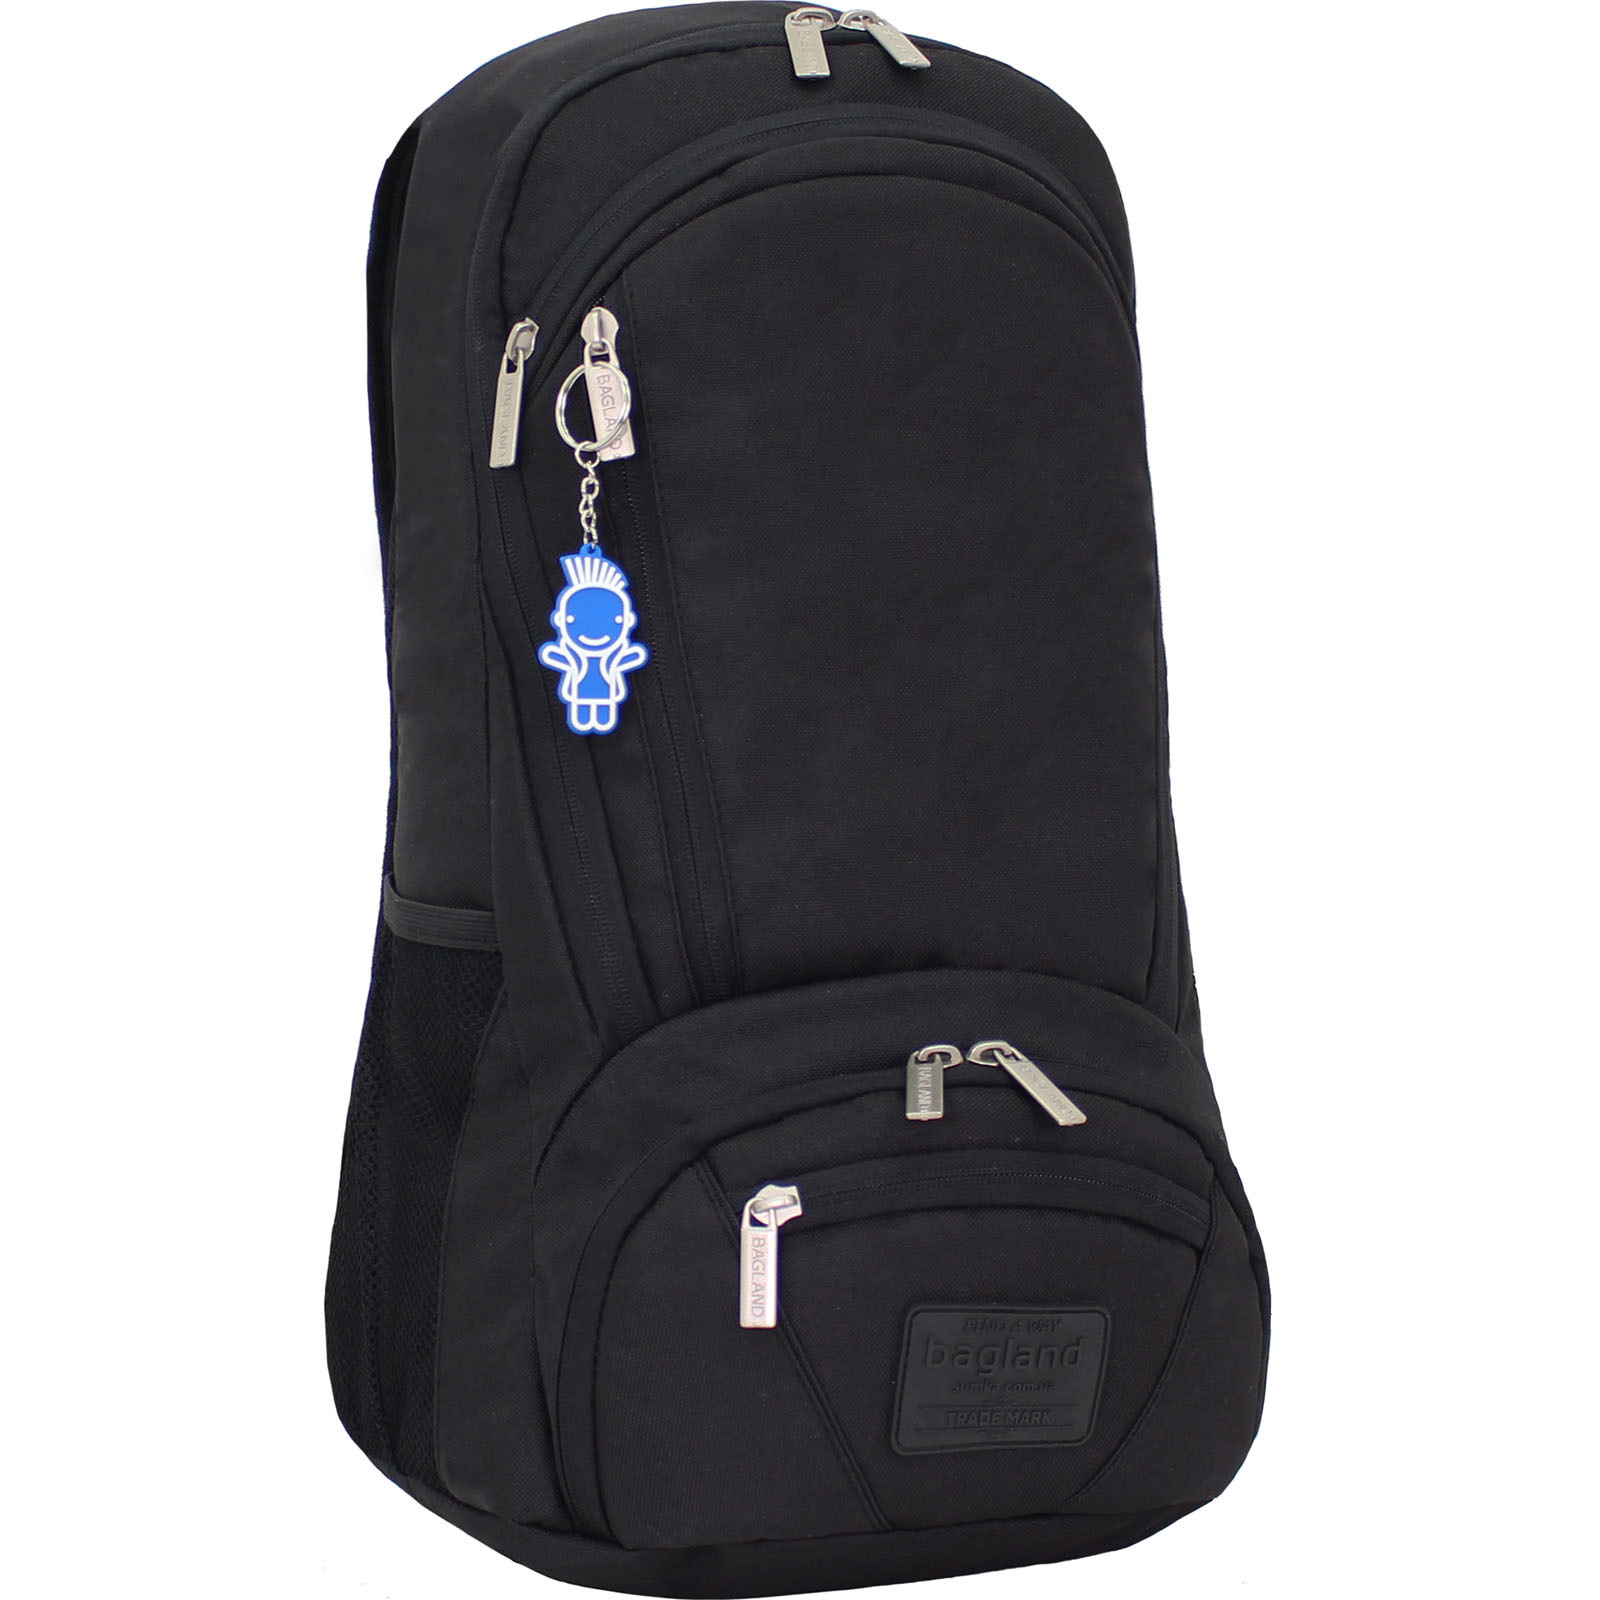 Рюкзак для ноутбука Bagland Granite 23 л. Чёрный (0012066) фото 1